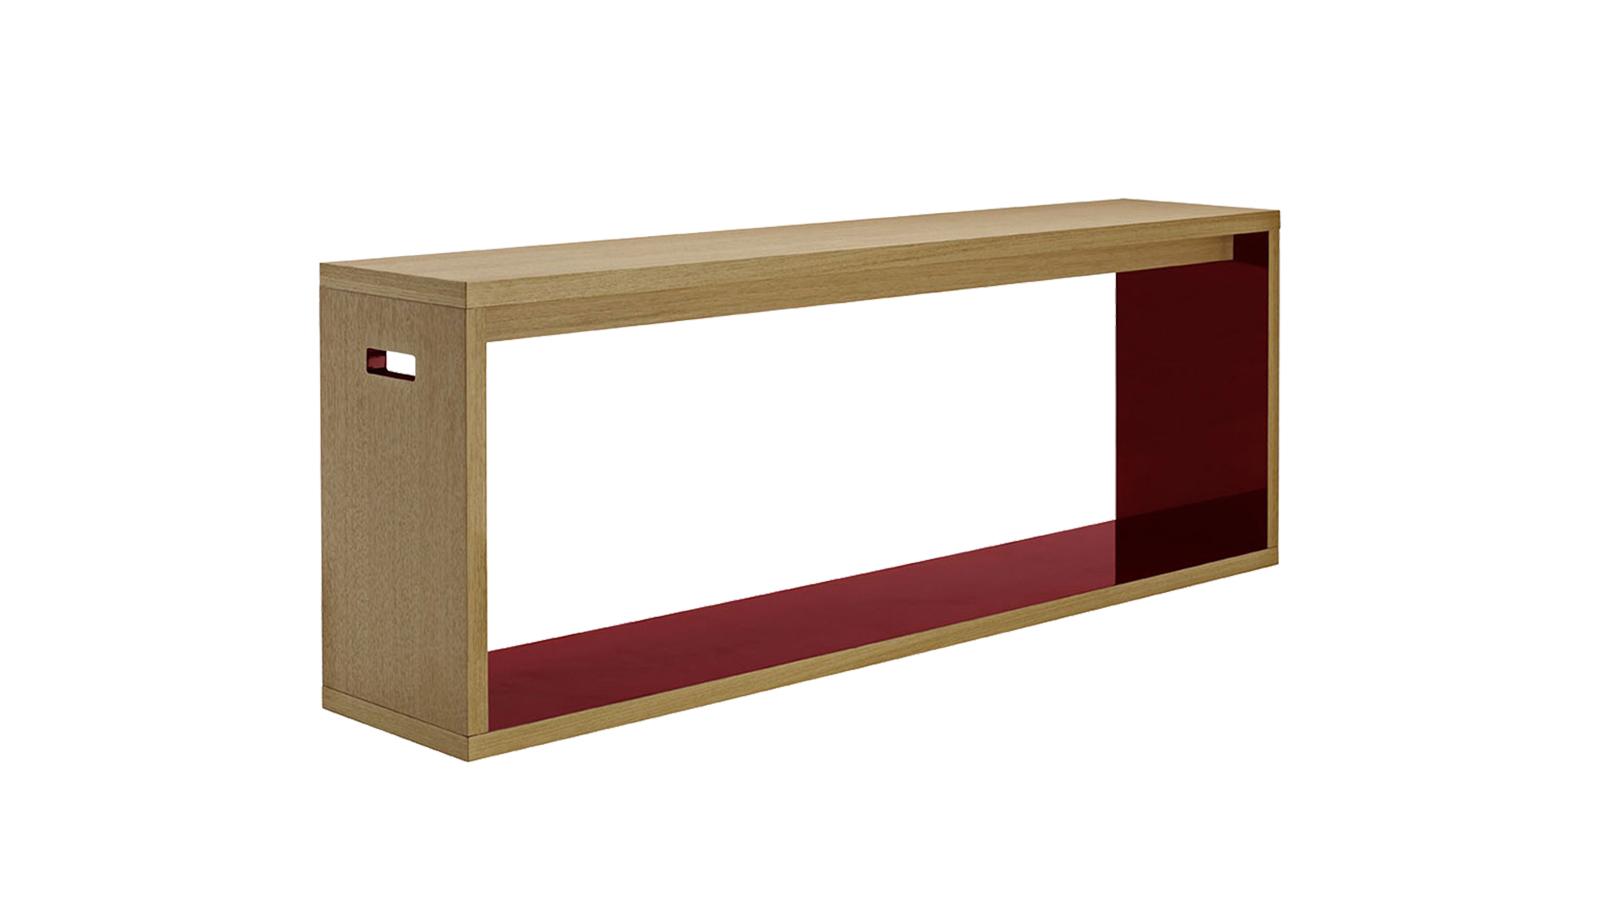 A konzolasztalokat gyakran csak a tér szükséges kiegészítőinek, szürke eminenciásainak tekintjük, pedig egy tárolóbútor is lehet látványos, karakteres. Jó példa erre a B&B Italia Frank '12 darabja, mely élénkvörösre lakkozott belső felületével gondoskodik arról, hogy magára vonja mindenki tekintetét.